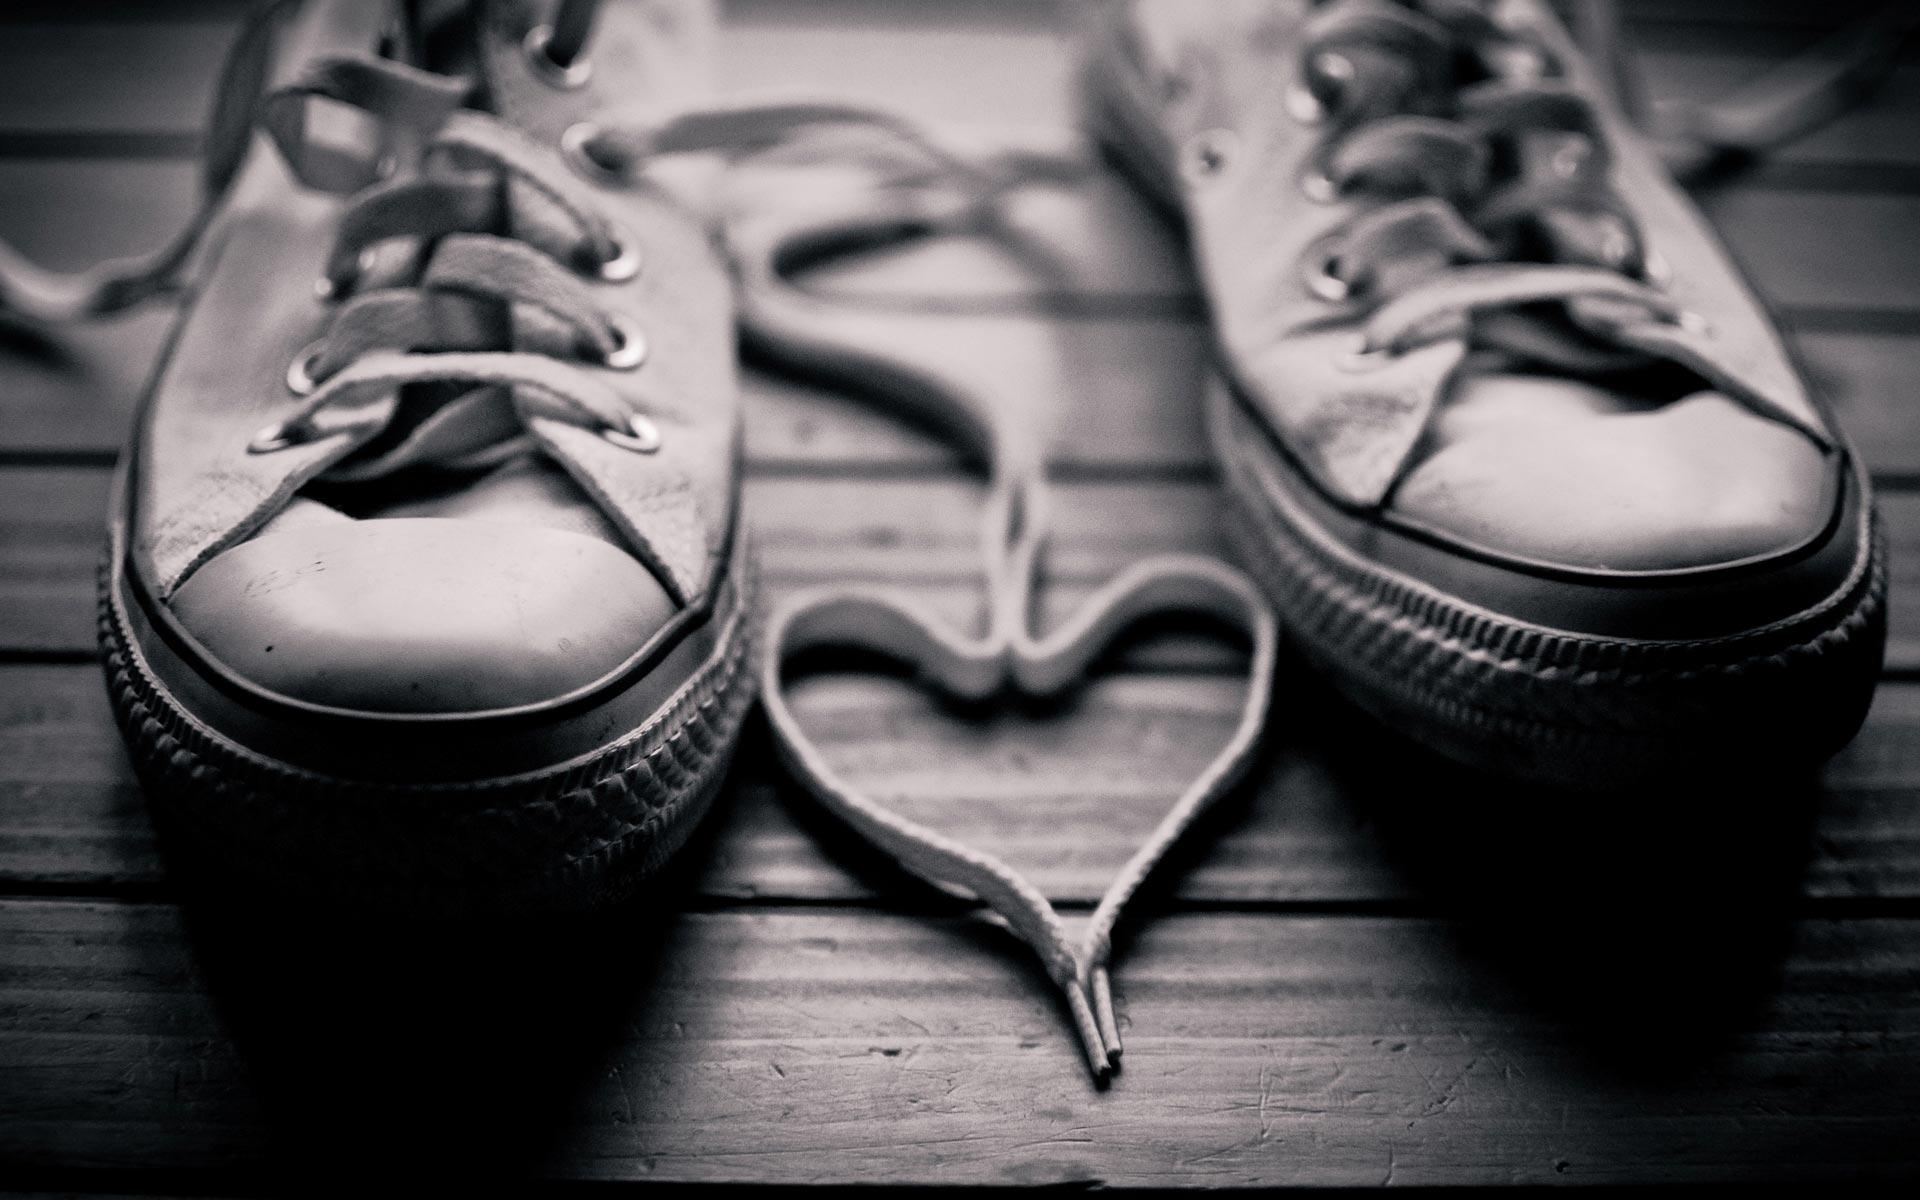 love-love-33915282-1920-1200.jpg